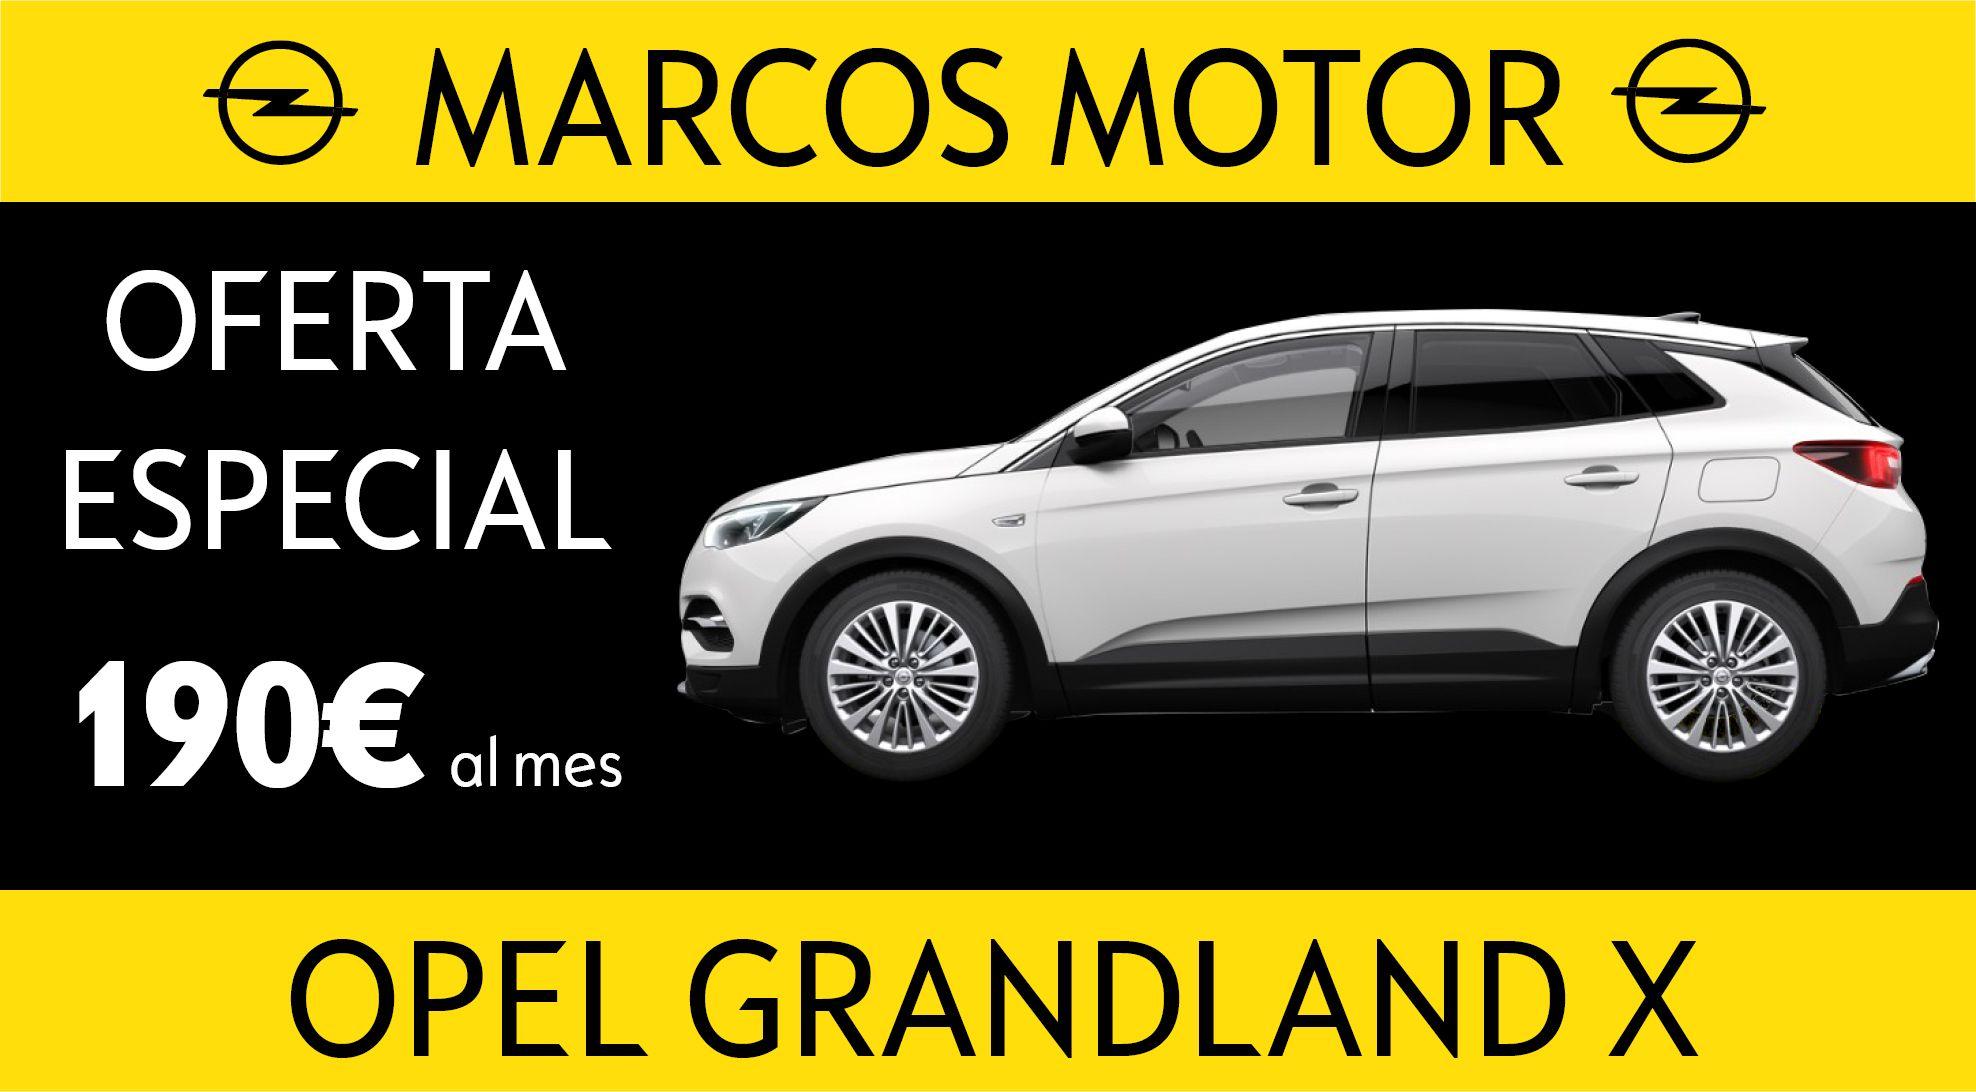 Opel Grandland X Offer € 190 per month